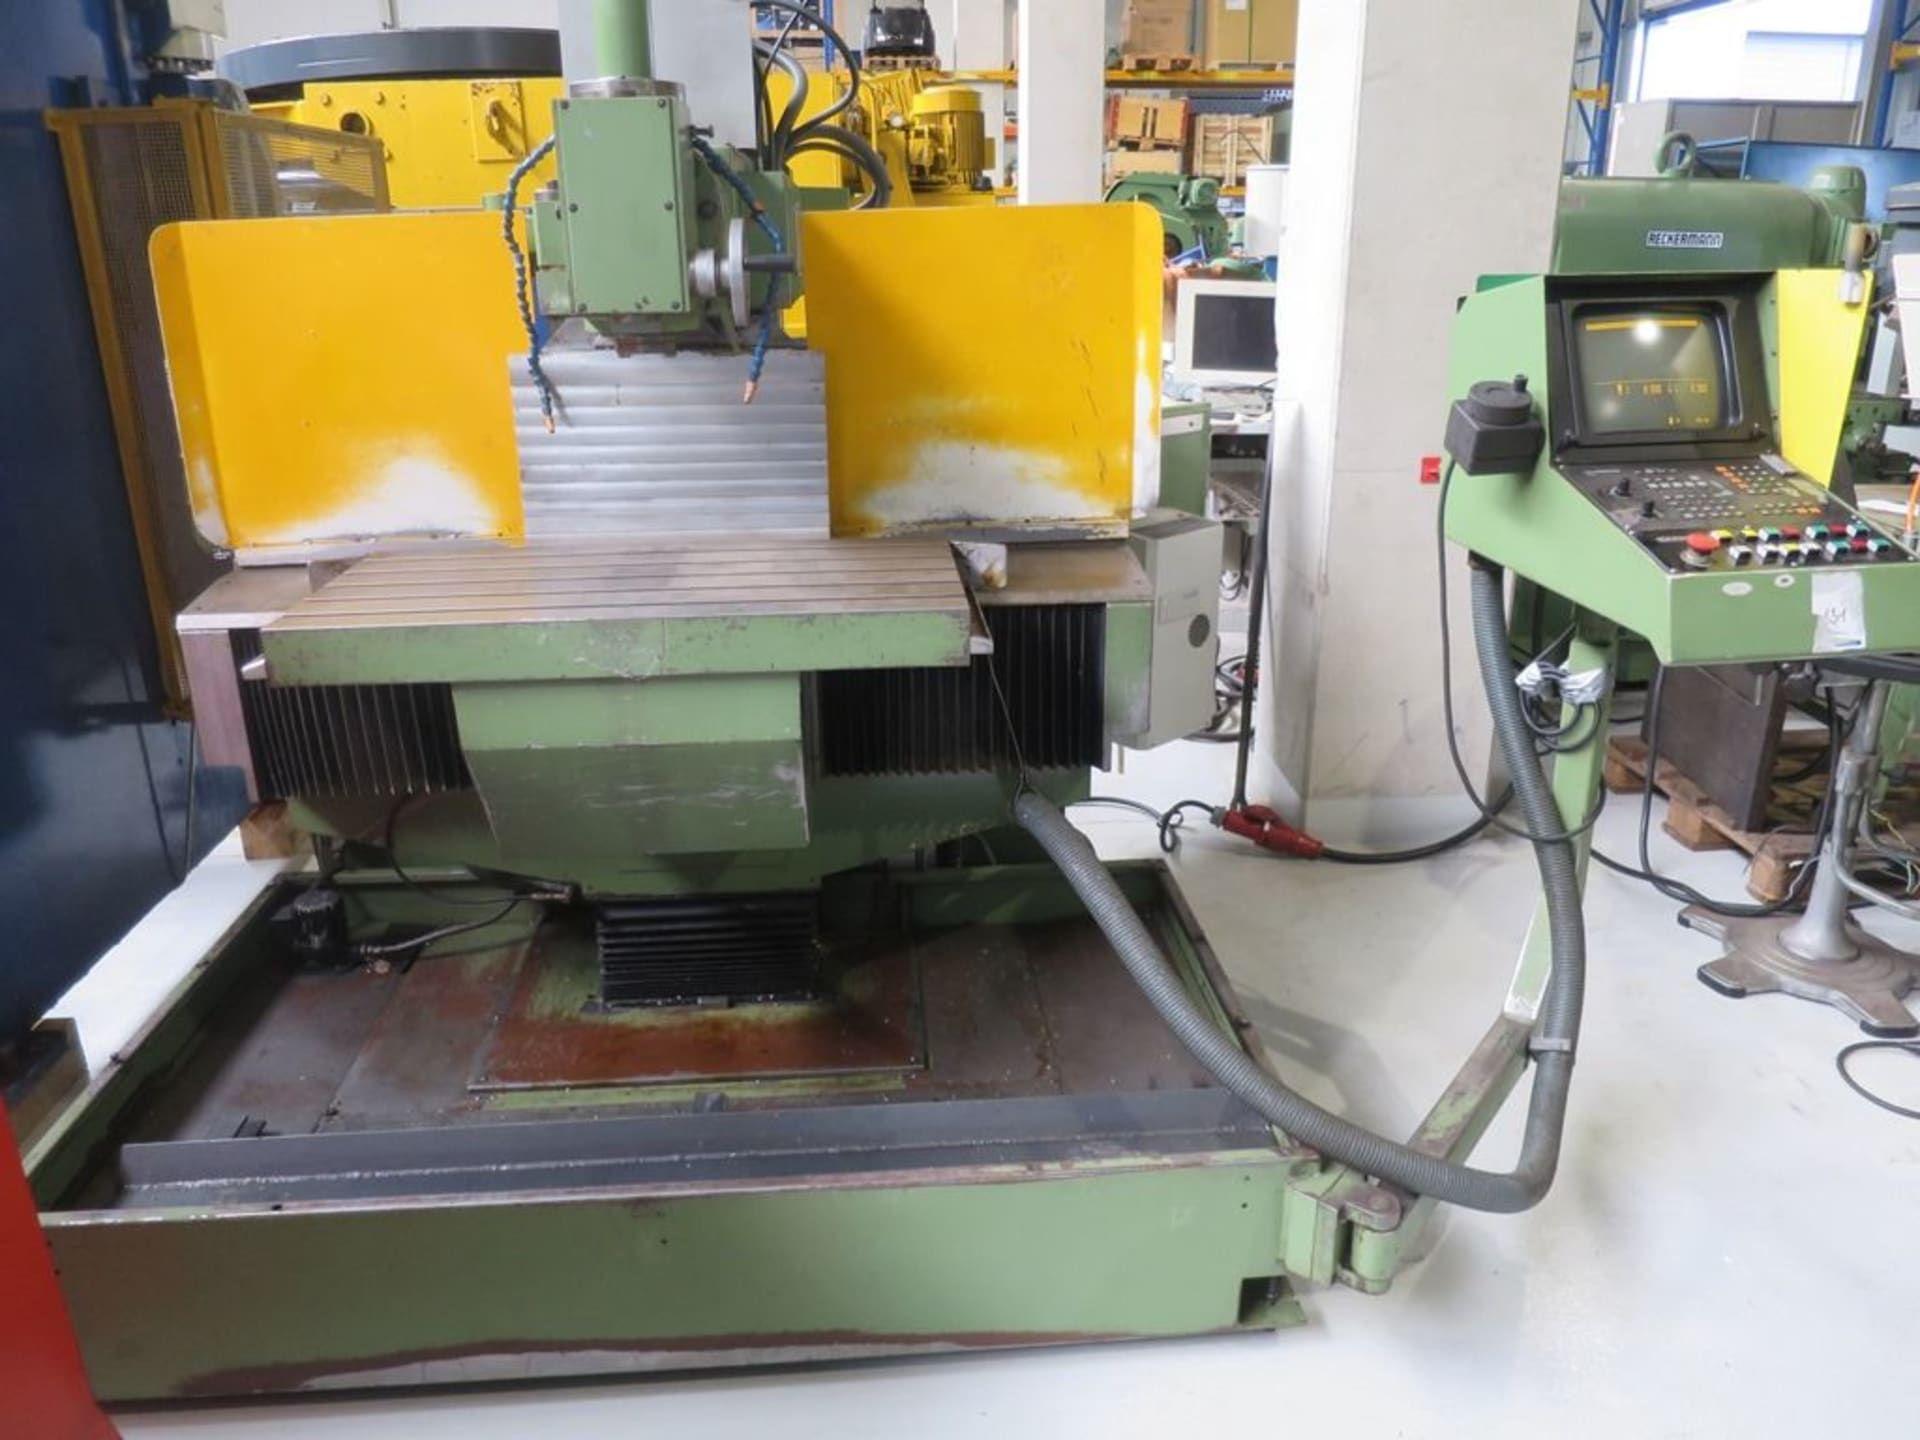 KLOPP UW1 - CNC Werkzeugfräsmaschine